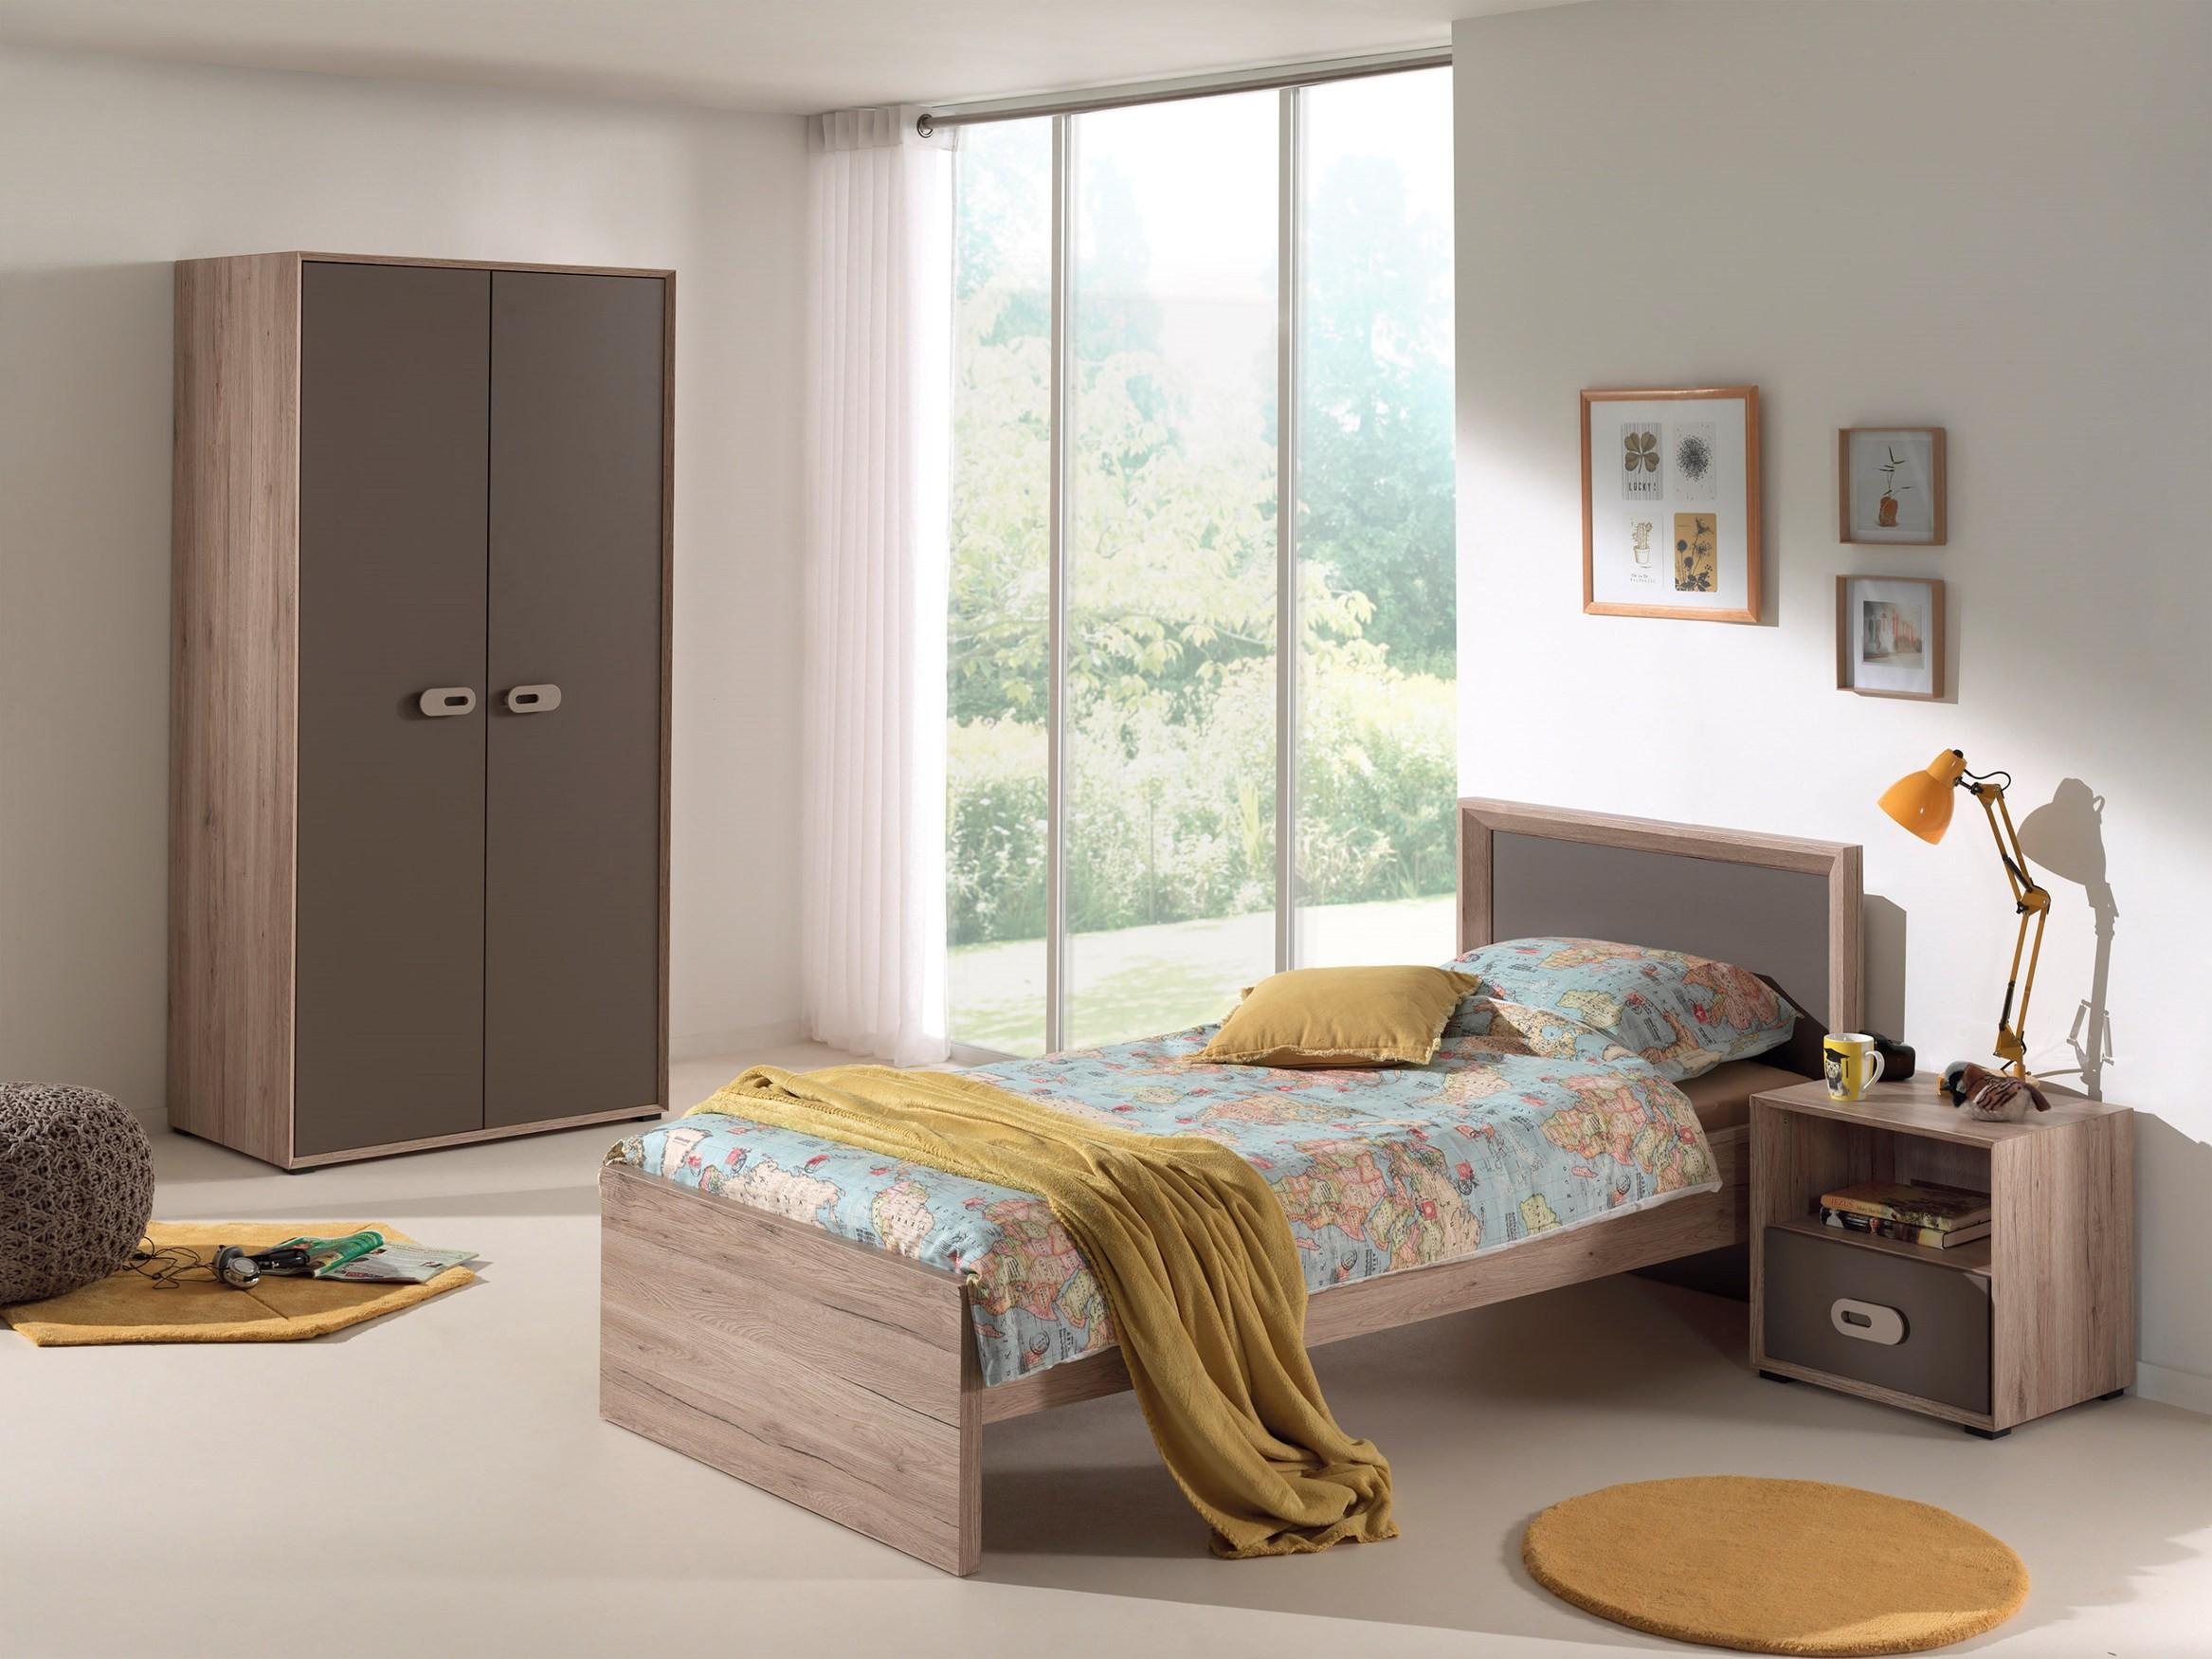 Jugendzimmer emiel 3 teilig mit kleiderschrank 2 t rig kinder jugendzimmer sets - Hochwertige jugendzimmer ...